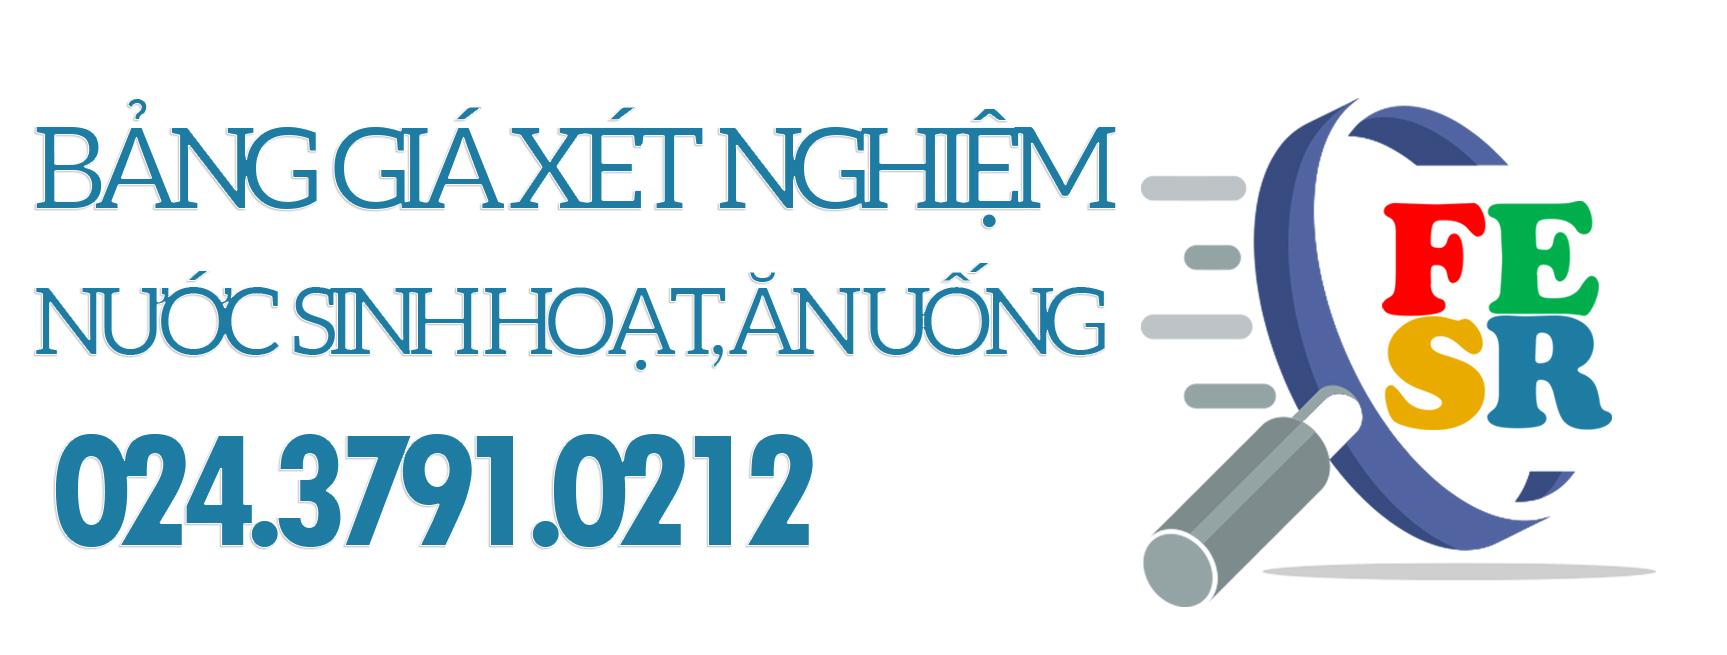 Bảng giá xét nghiệm nước tại Hà Nội